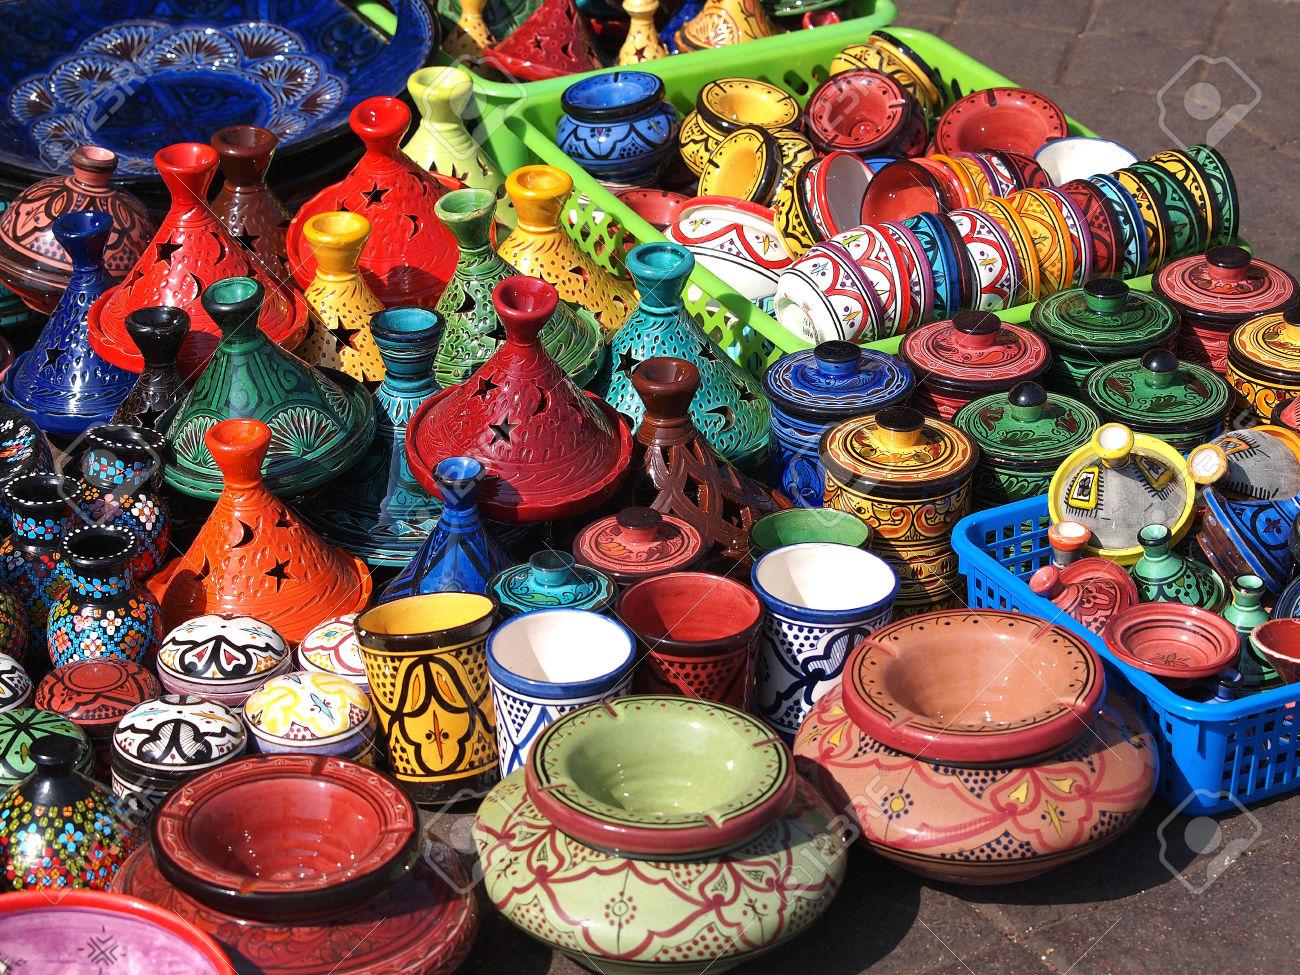 23564539-tajines-y-ollas-de-barro-en-el-mercado-en-Marruecos-Foto-de-archivo.jpg